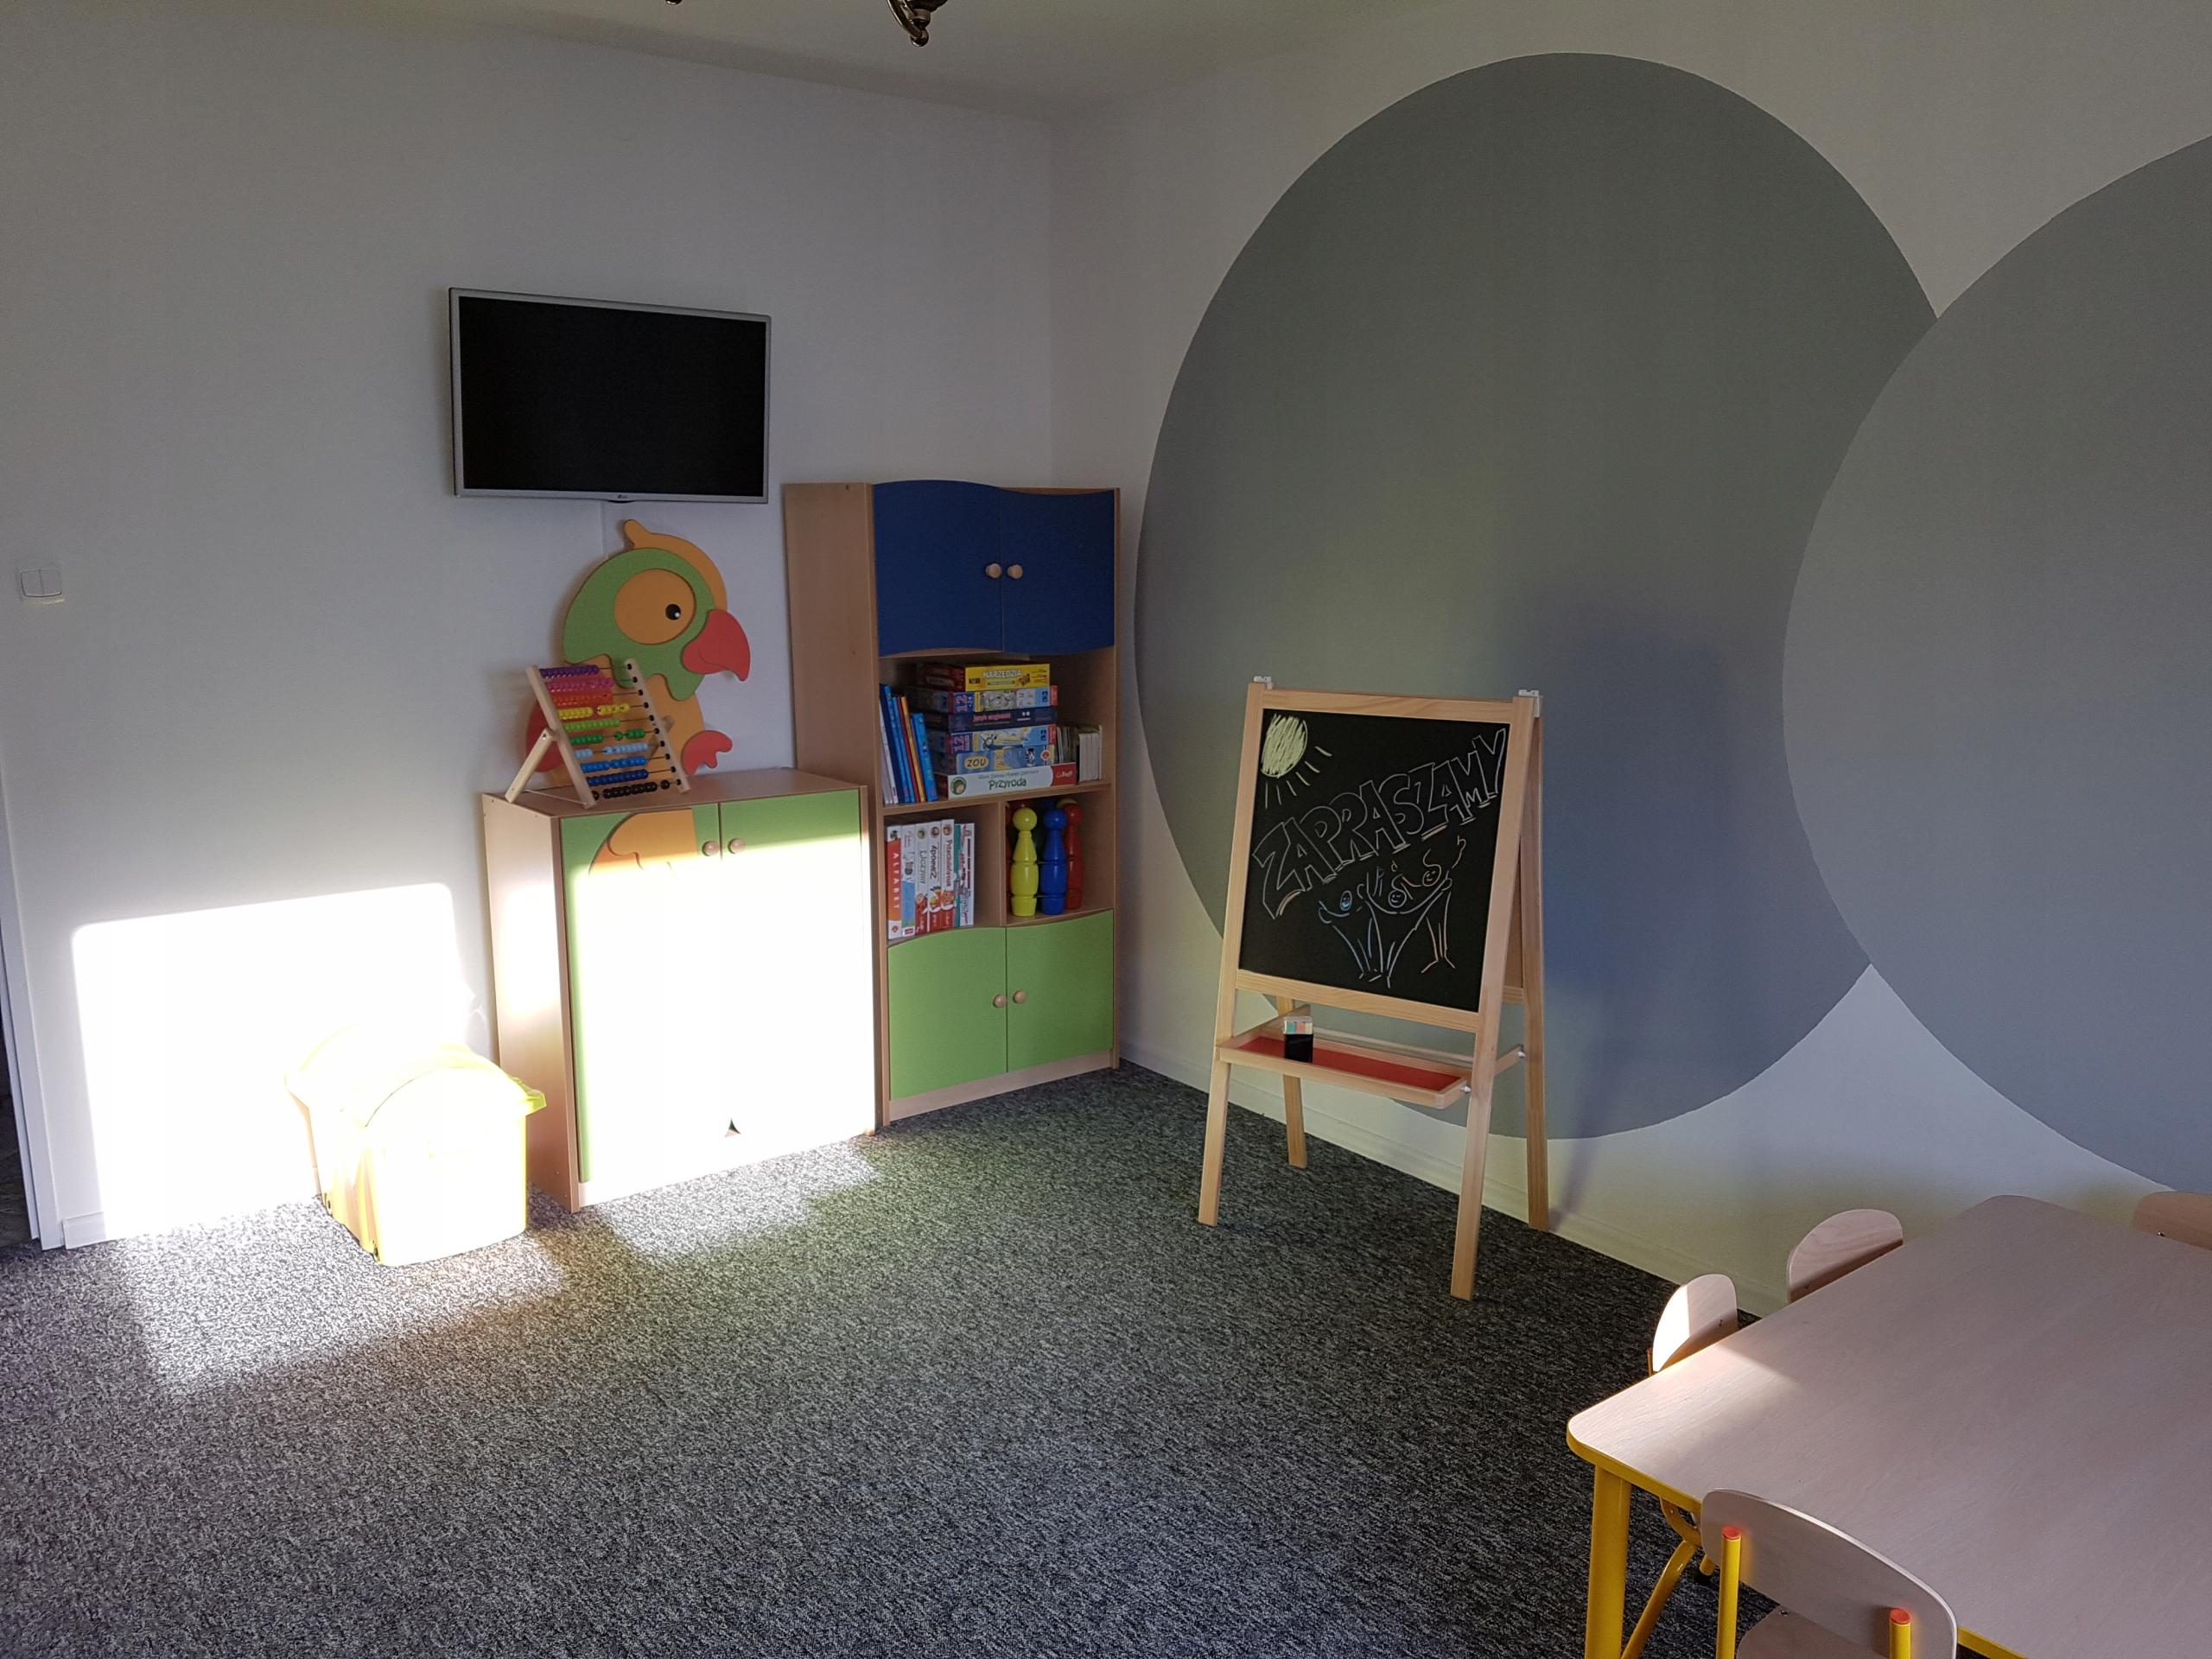 Meble MojeBambino do pokoju dziecka przedszkola